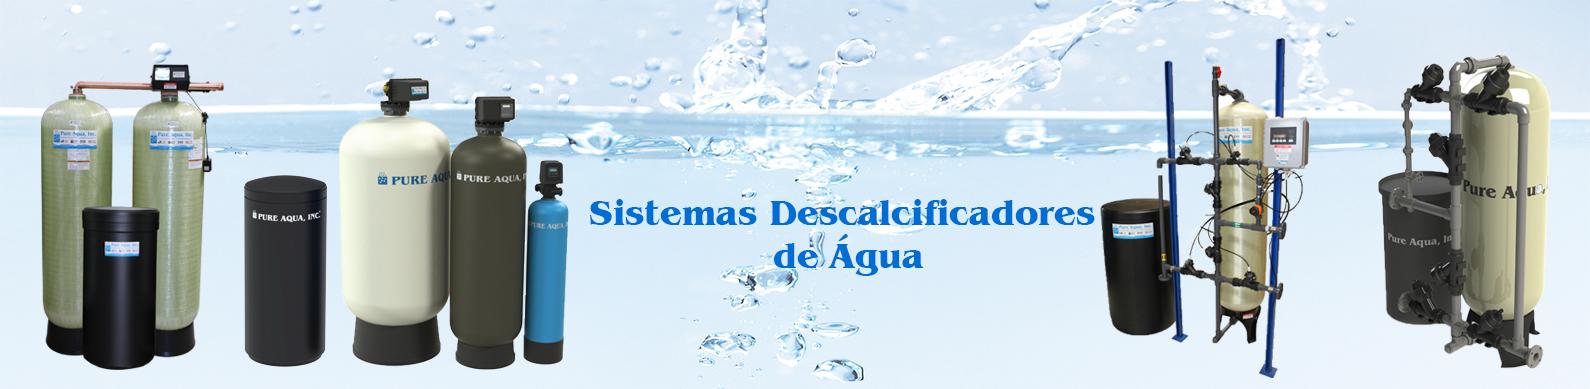 sistemas-decalcificadores-de-agua.jpg